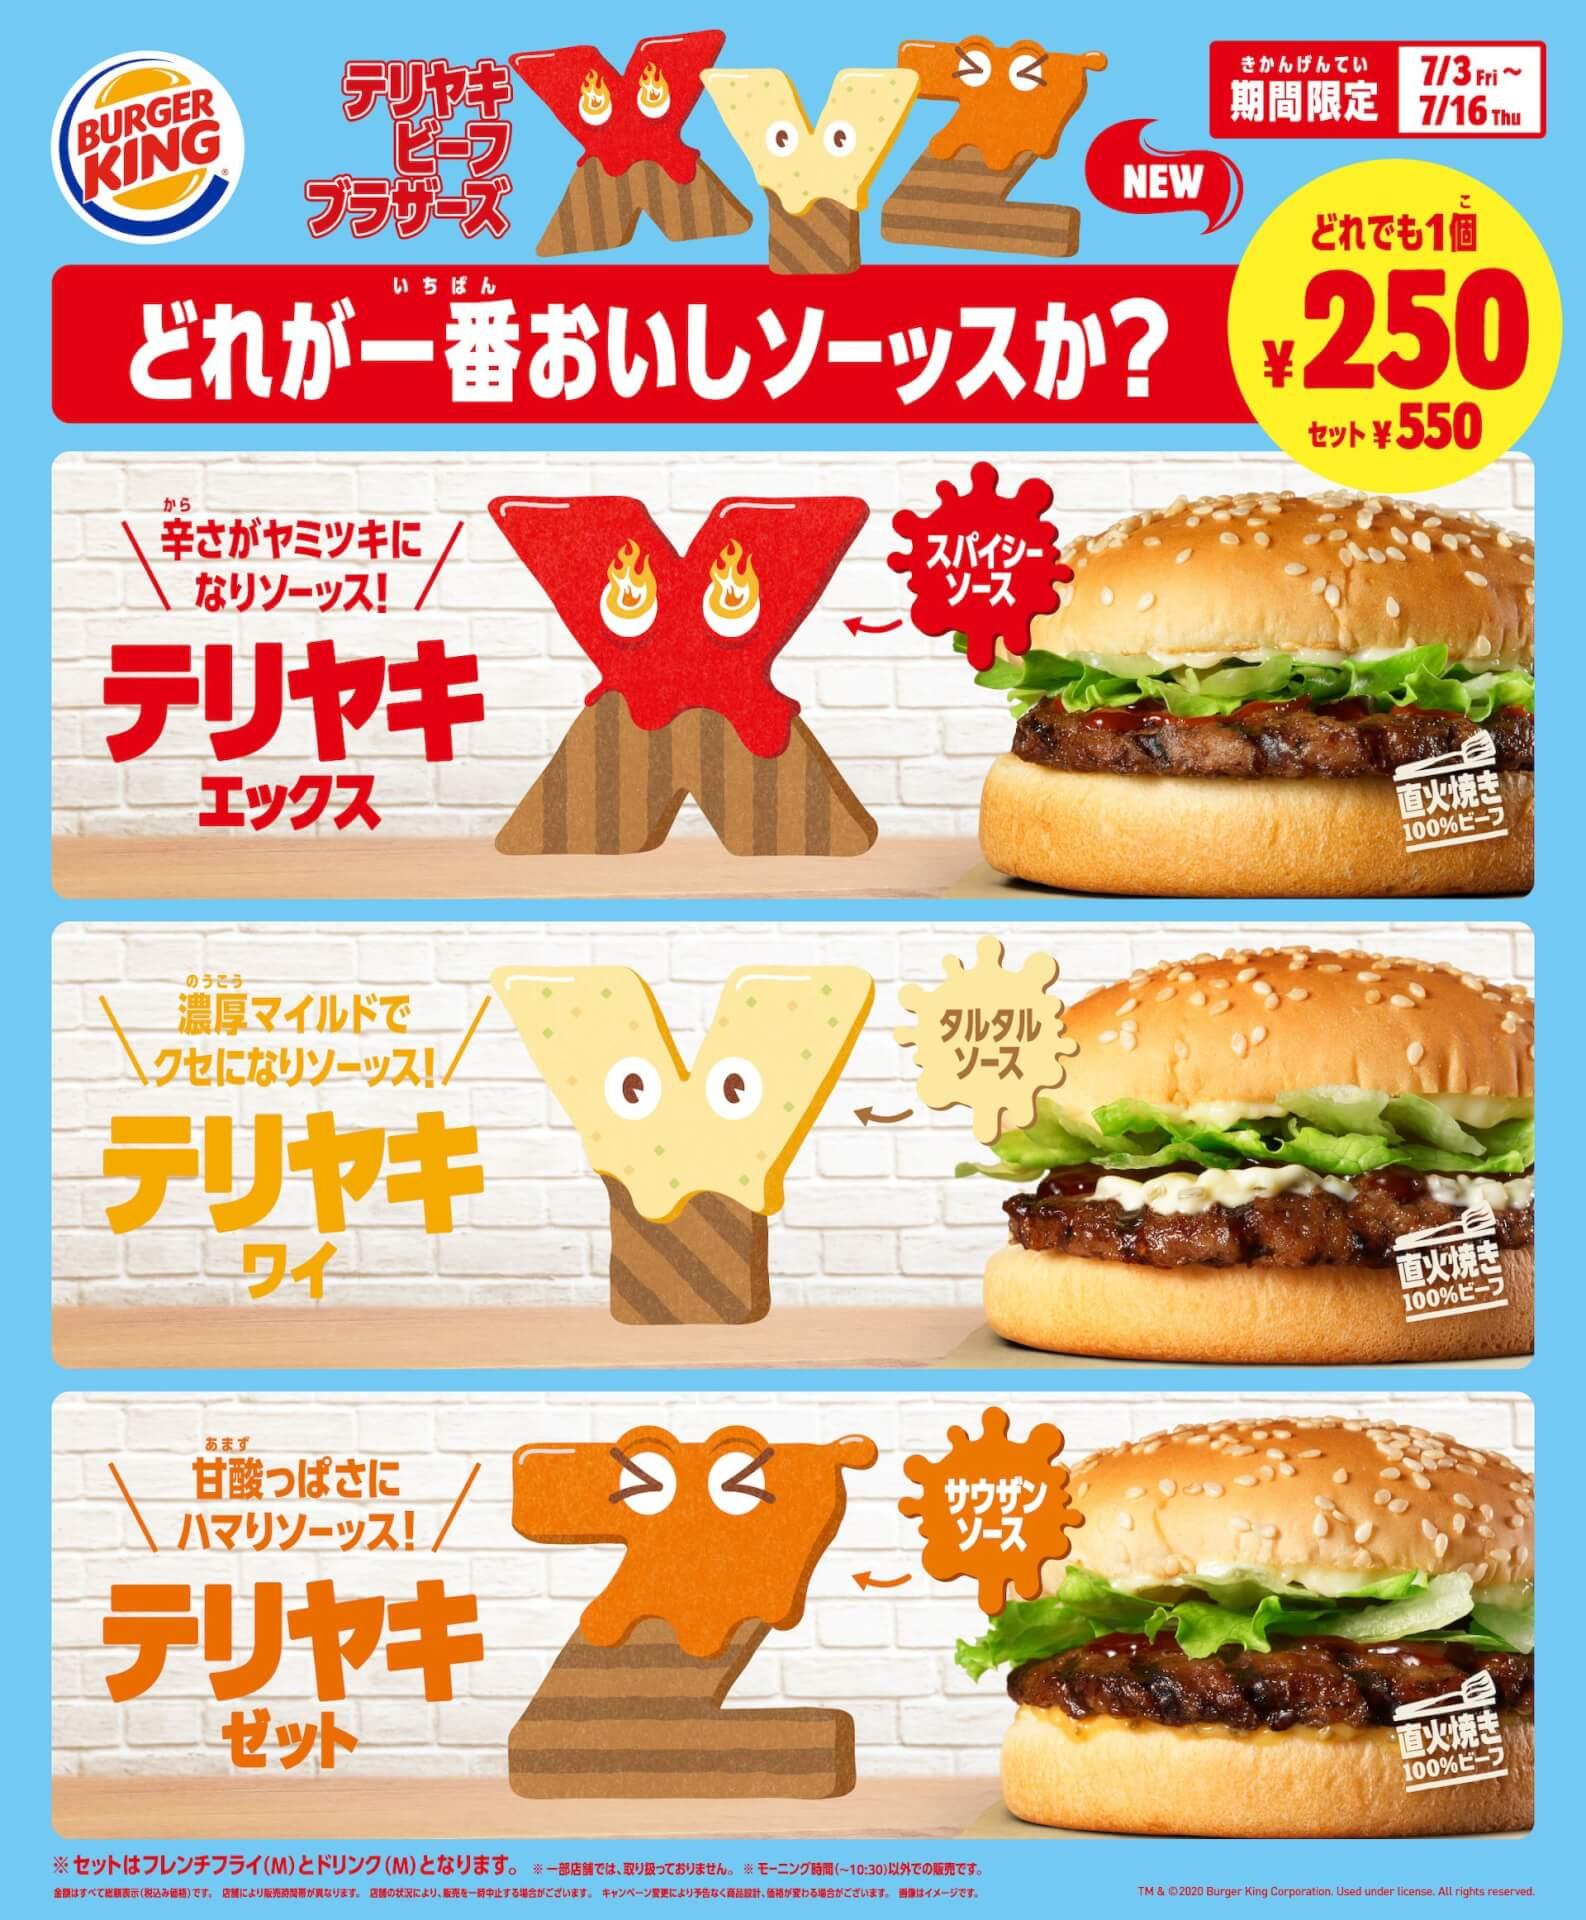 セットで550円!ダブルソースのテリヤキバーガーX、Y、Zがバーガーキング(R)から2週間限定で新発売 gourmet200703_burgerking_teriyakixyz_01